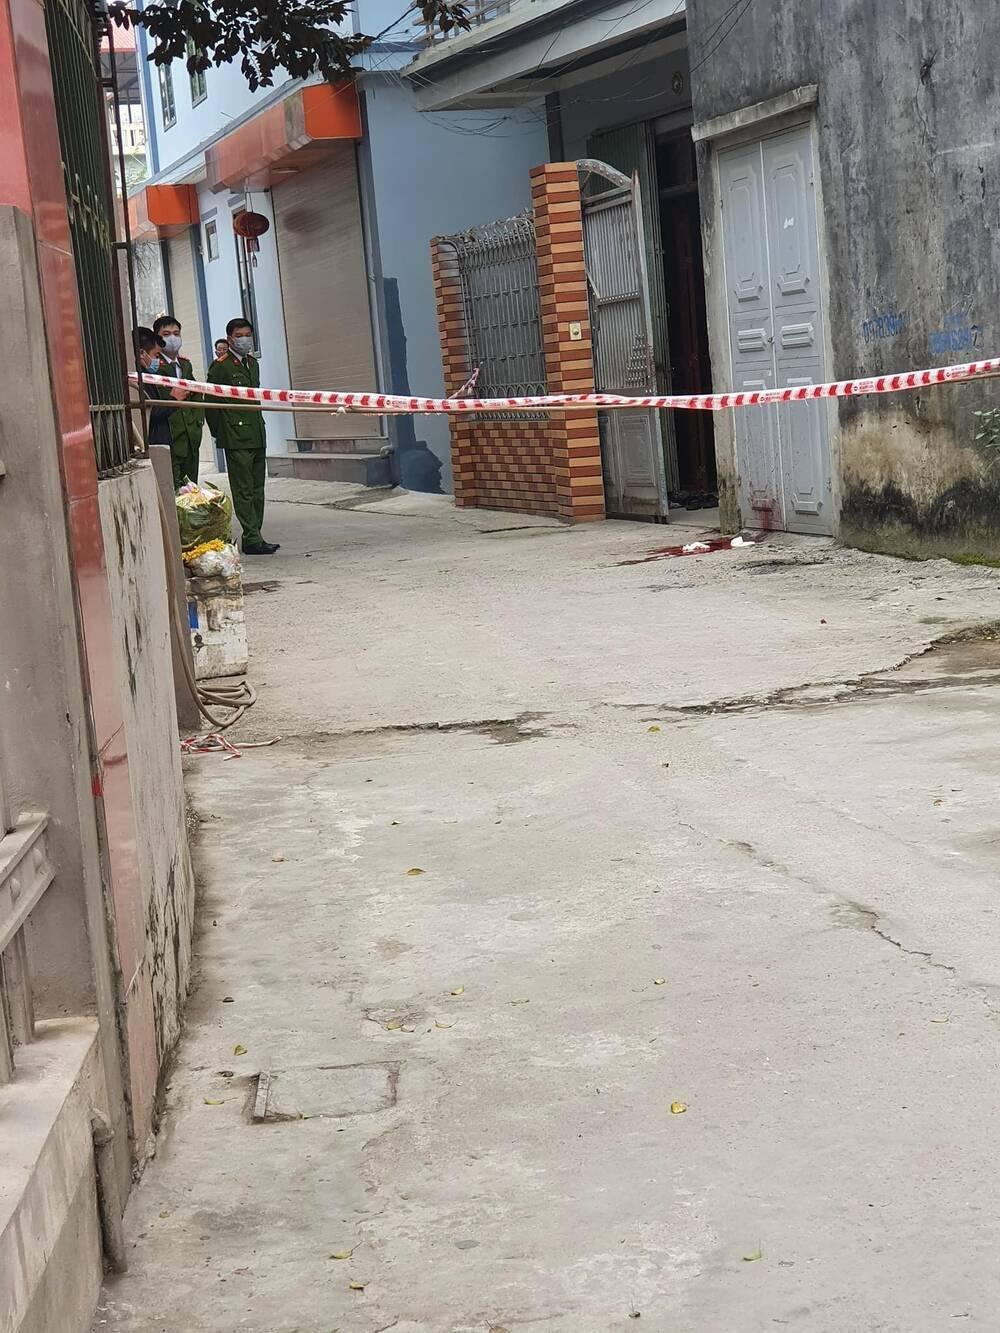 Chồng sát hại vợ ngay trước cửa nhà ngày mùng 5 Tết